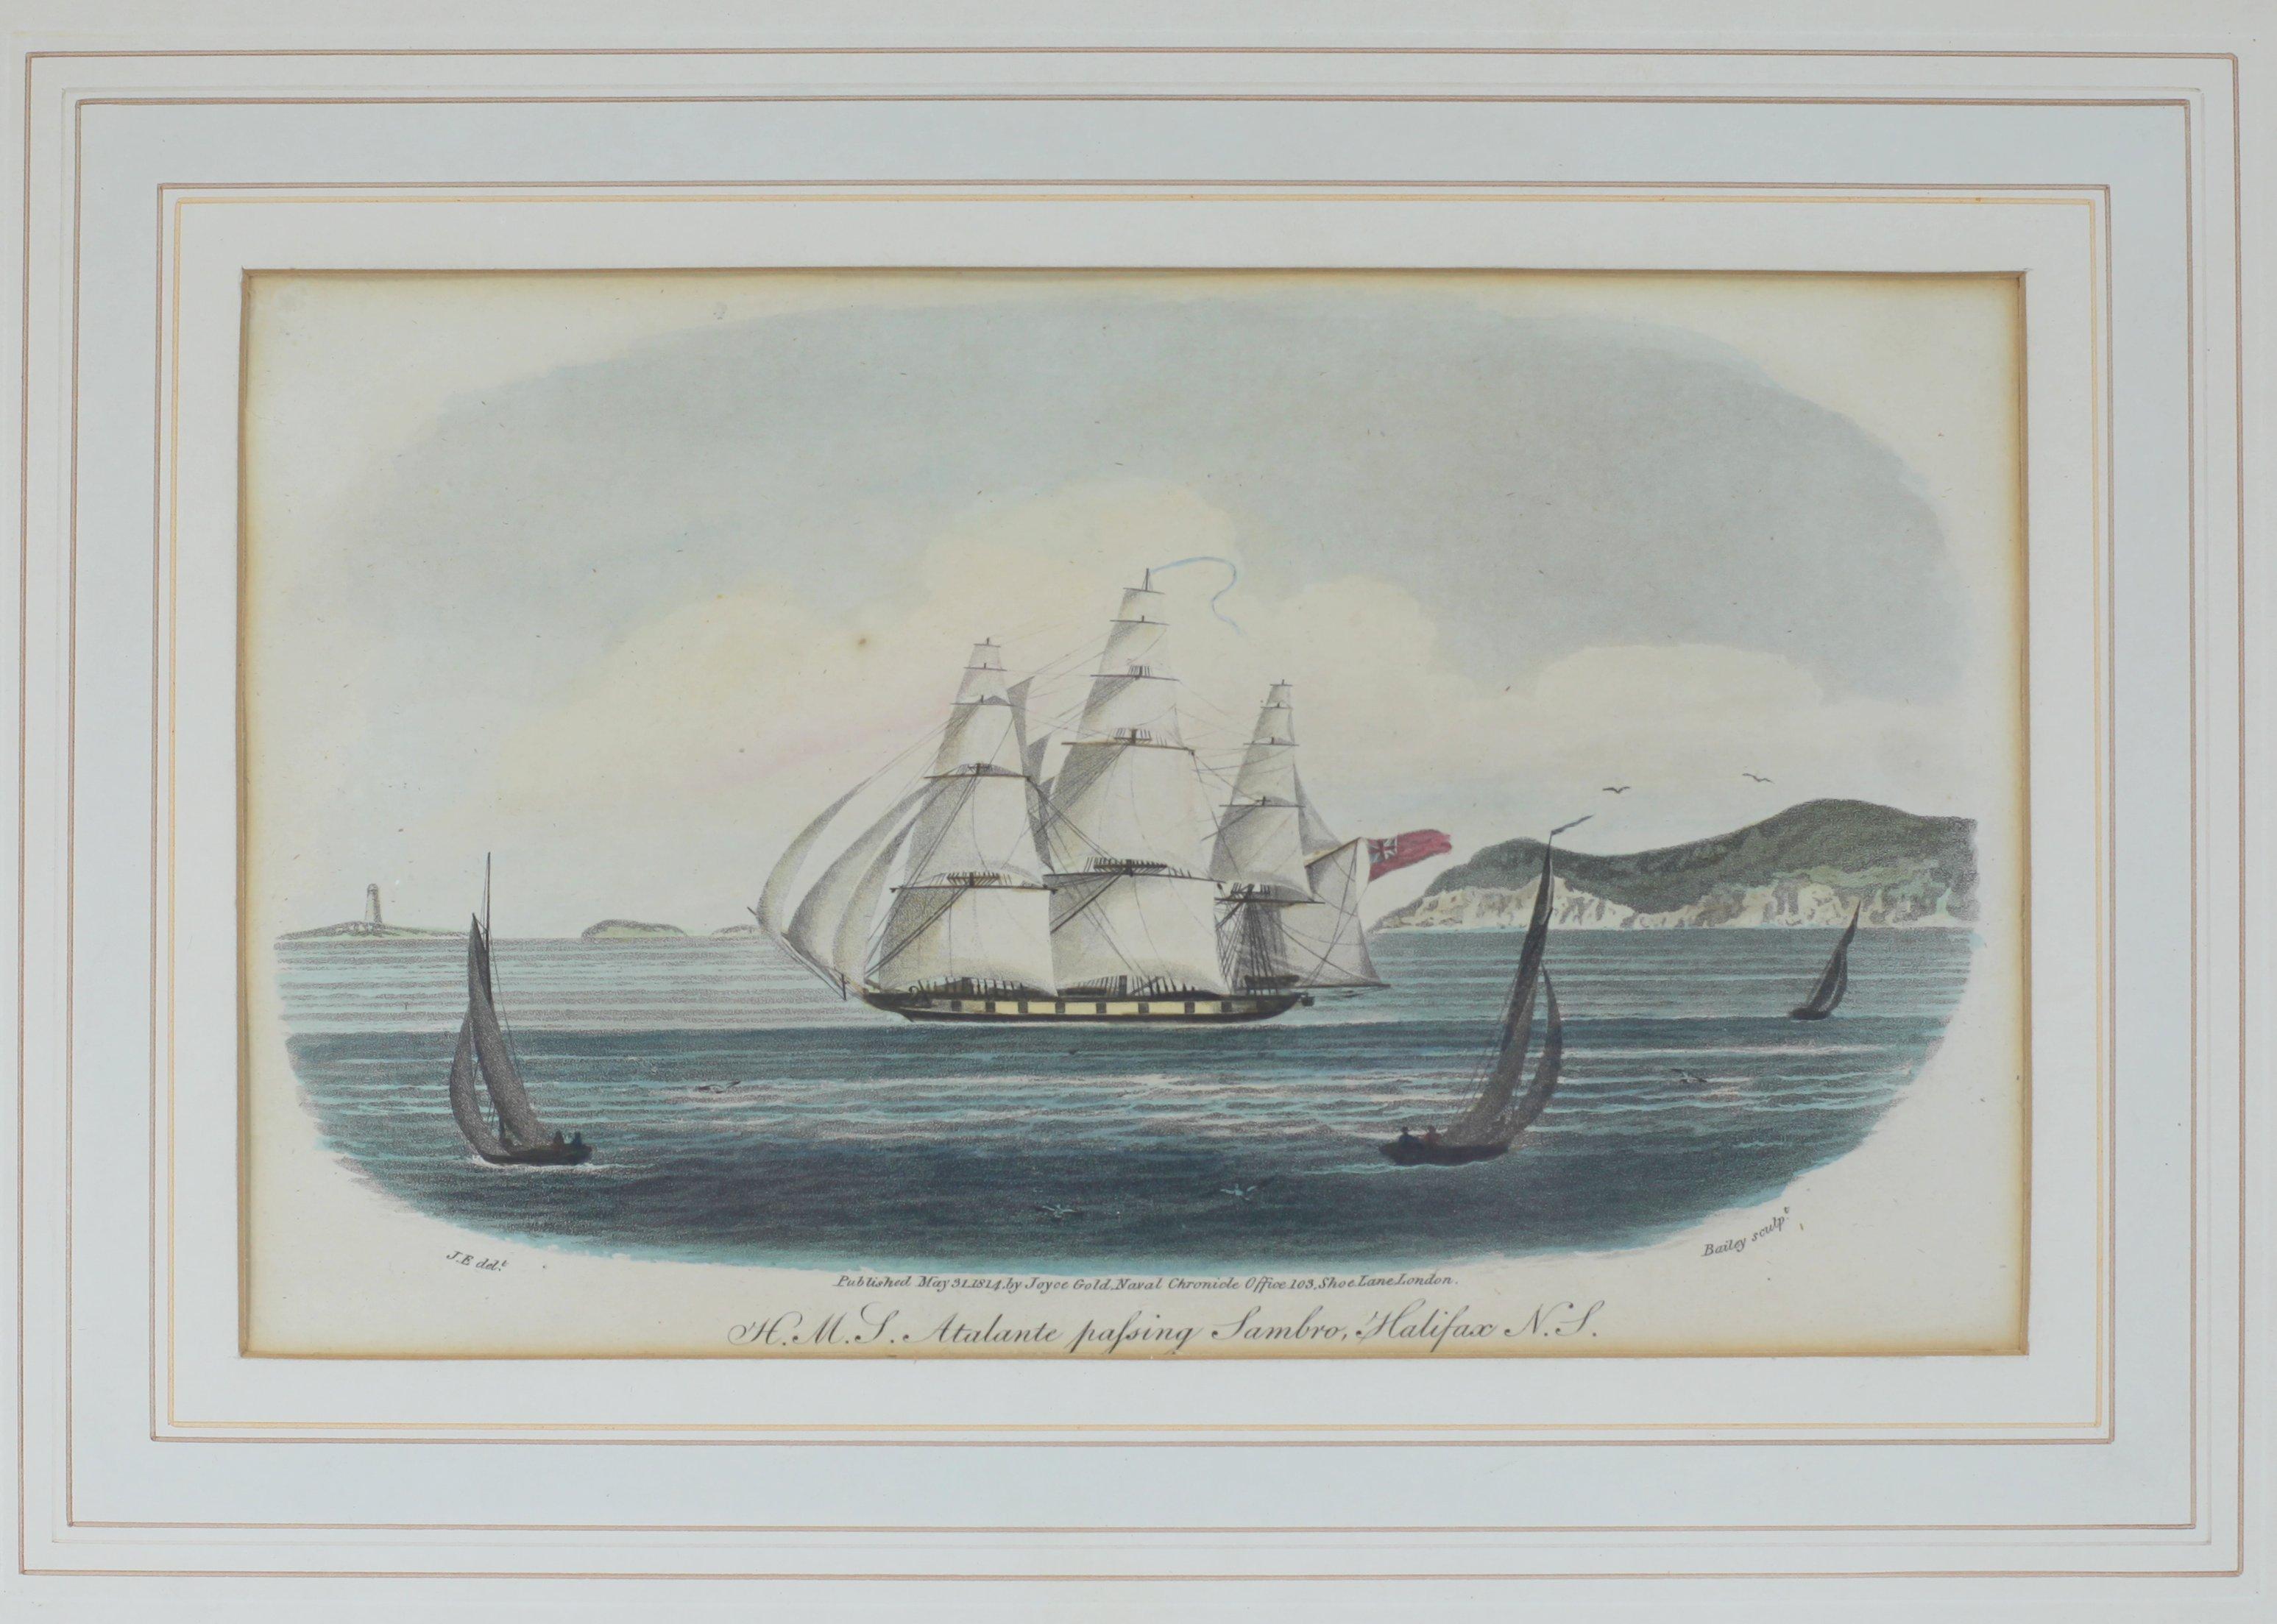 HMS Atalante Passing Sambro